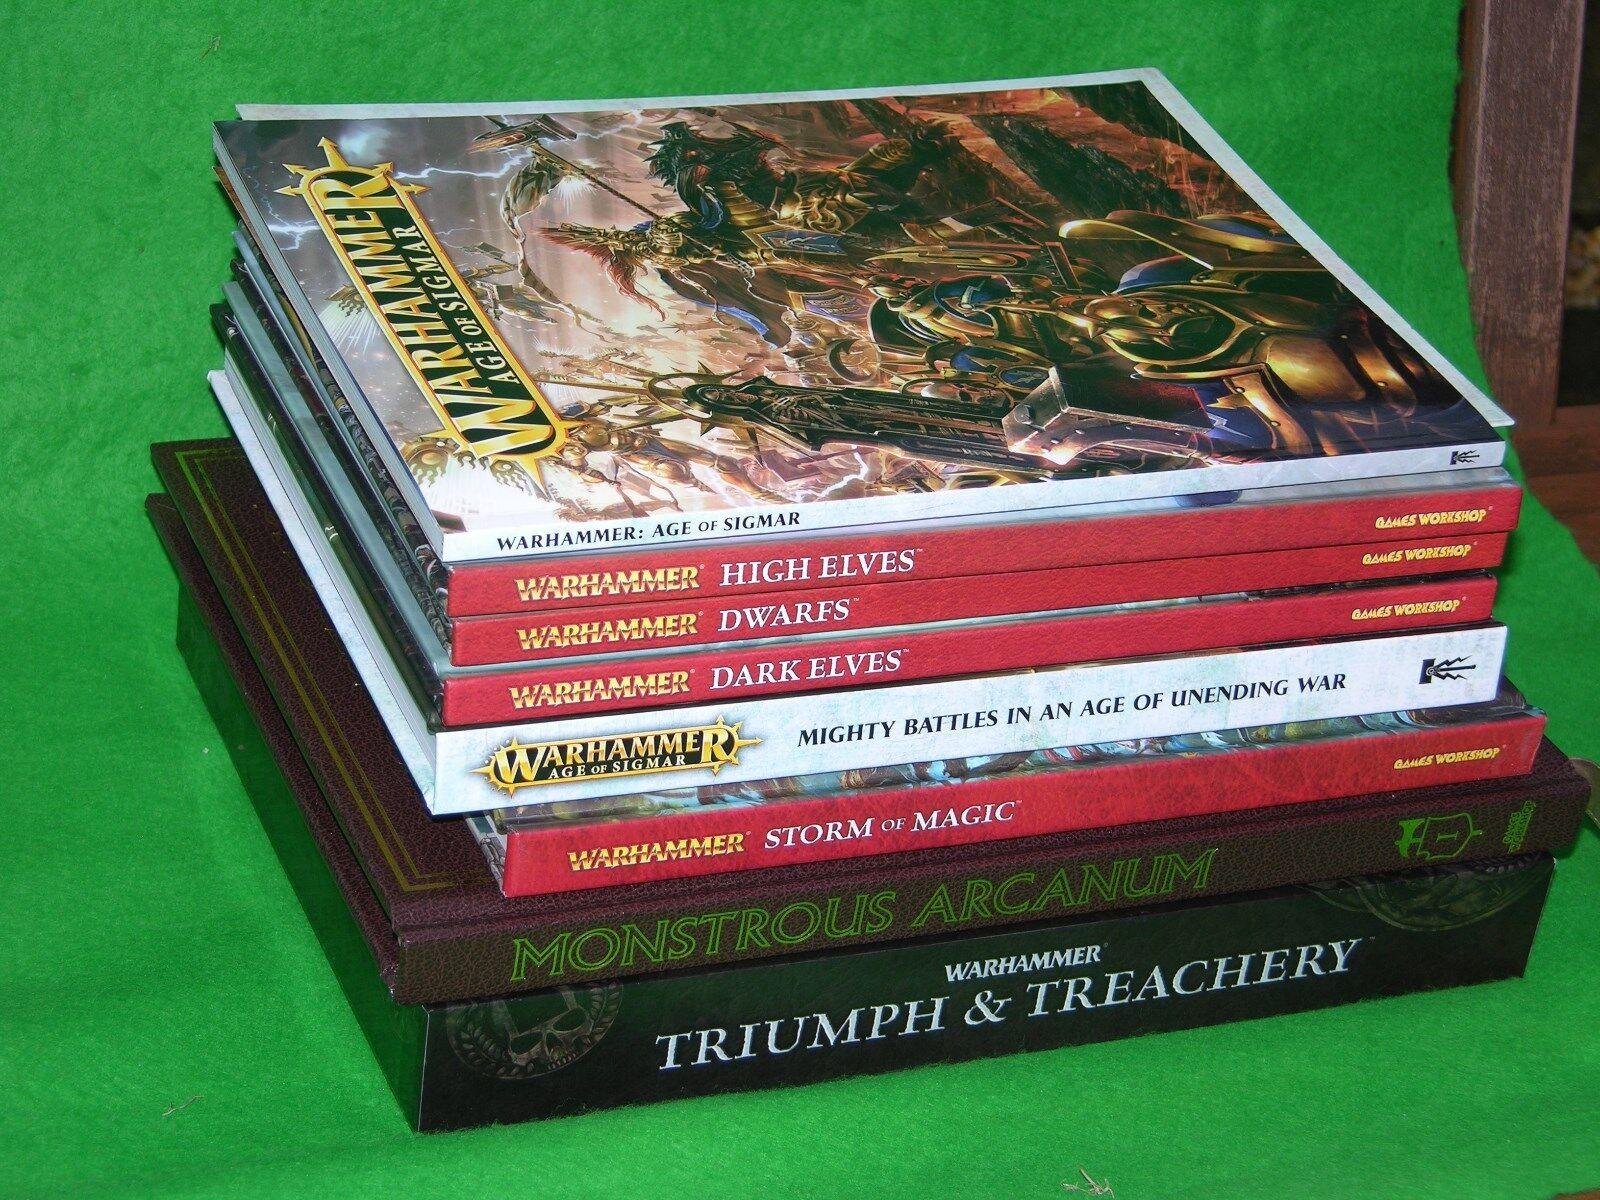 Warhammer Fantaisie Basize Livres et Jeu Suppléments Multi-Annonce